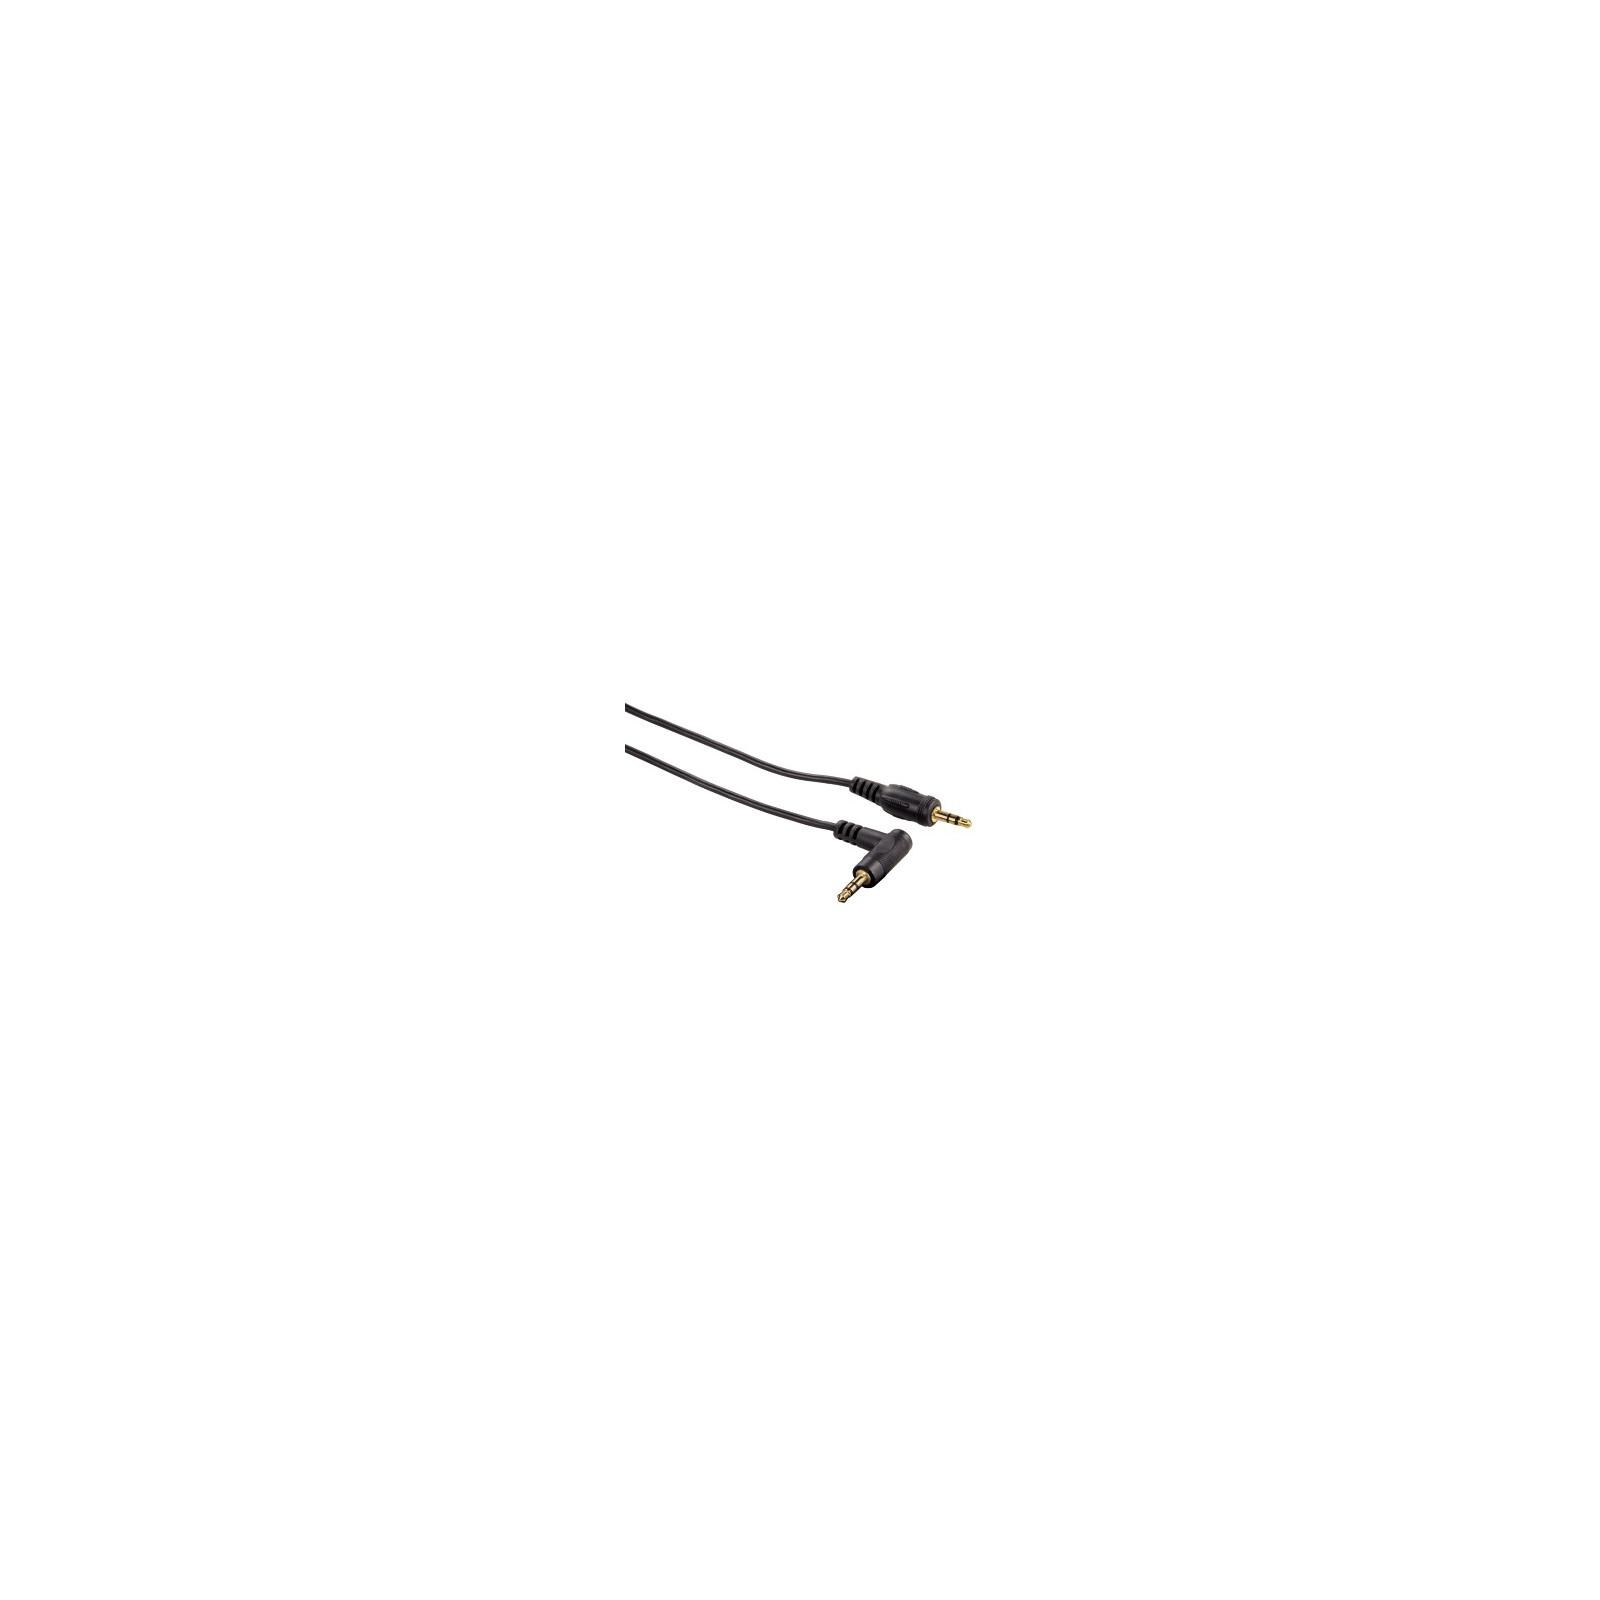 Hama 80900 Klinken-Kabel, Stecker - Stecker, 3,5 mm, Stereo,